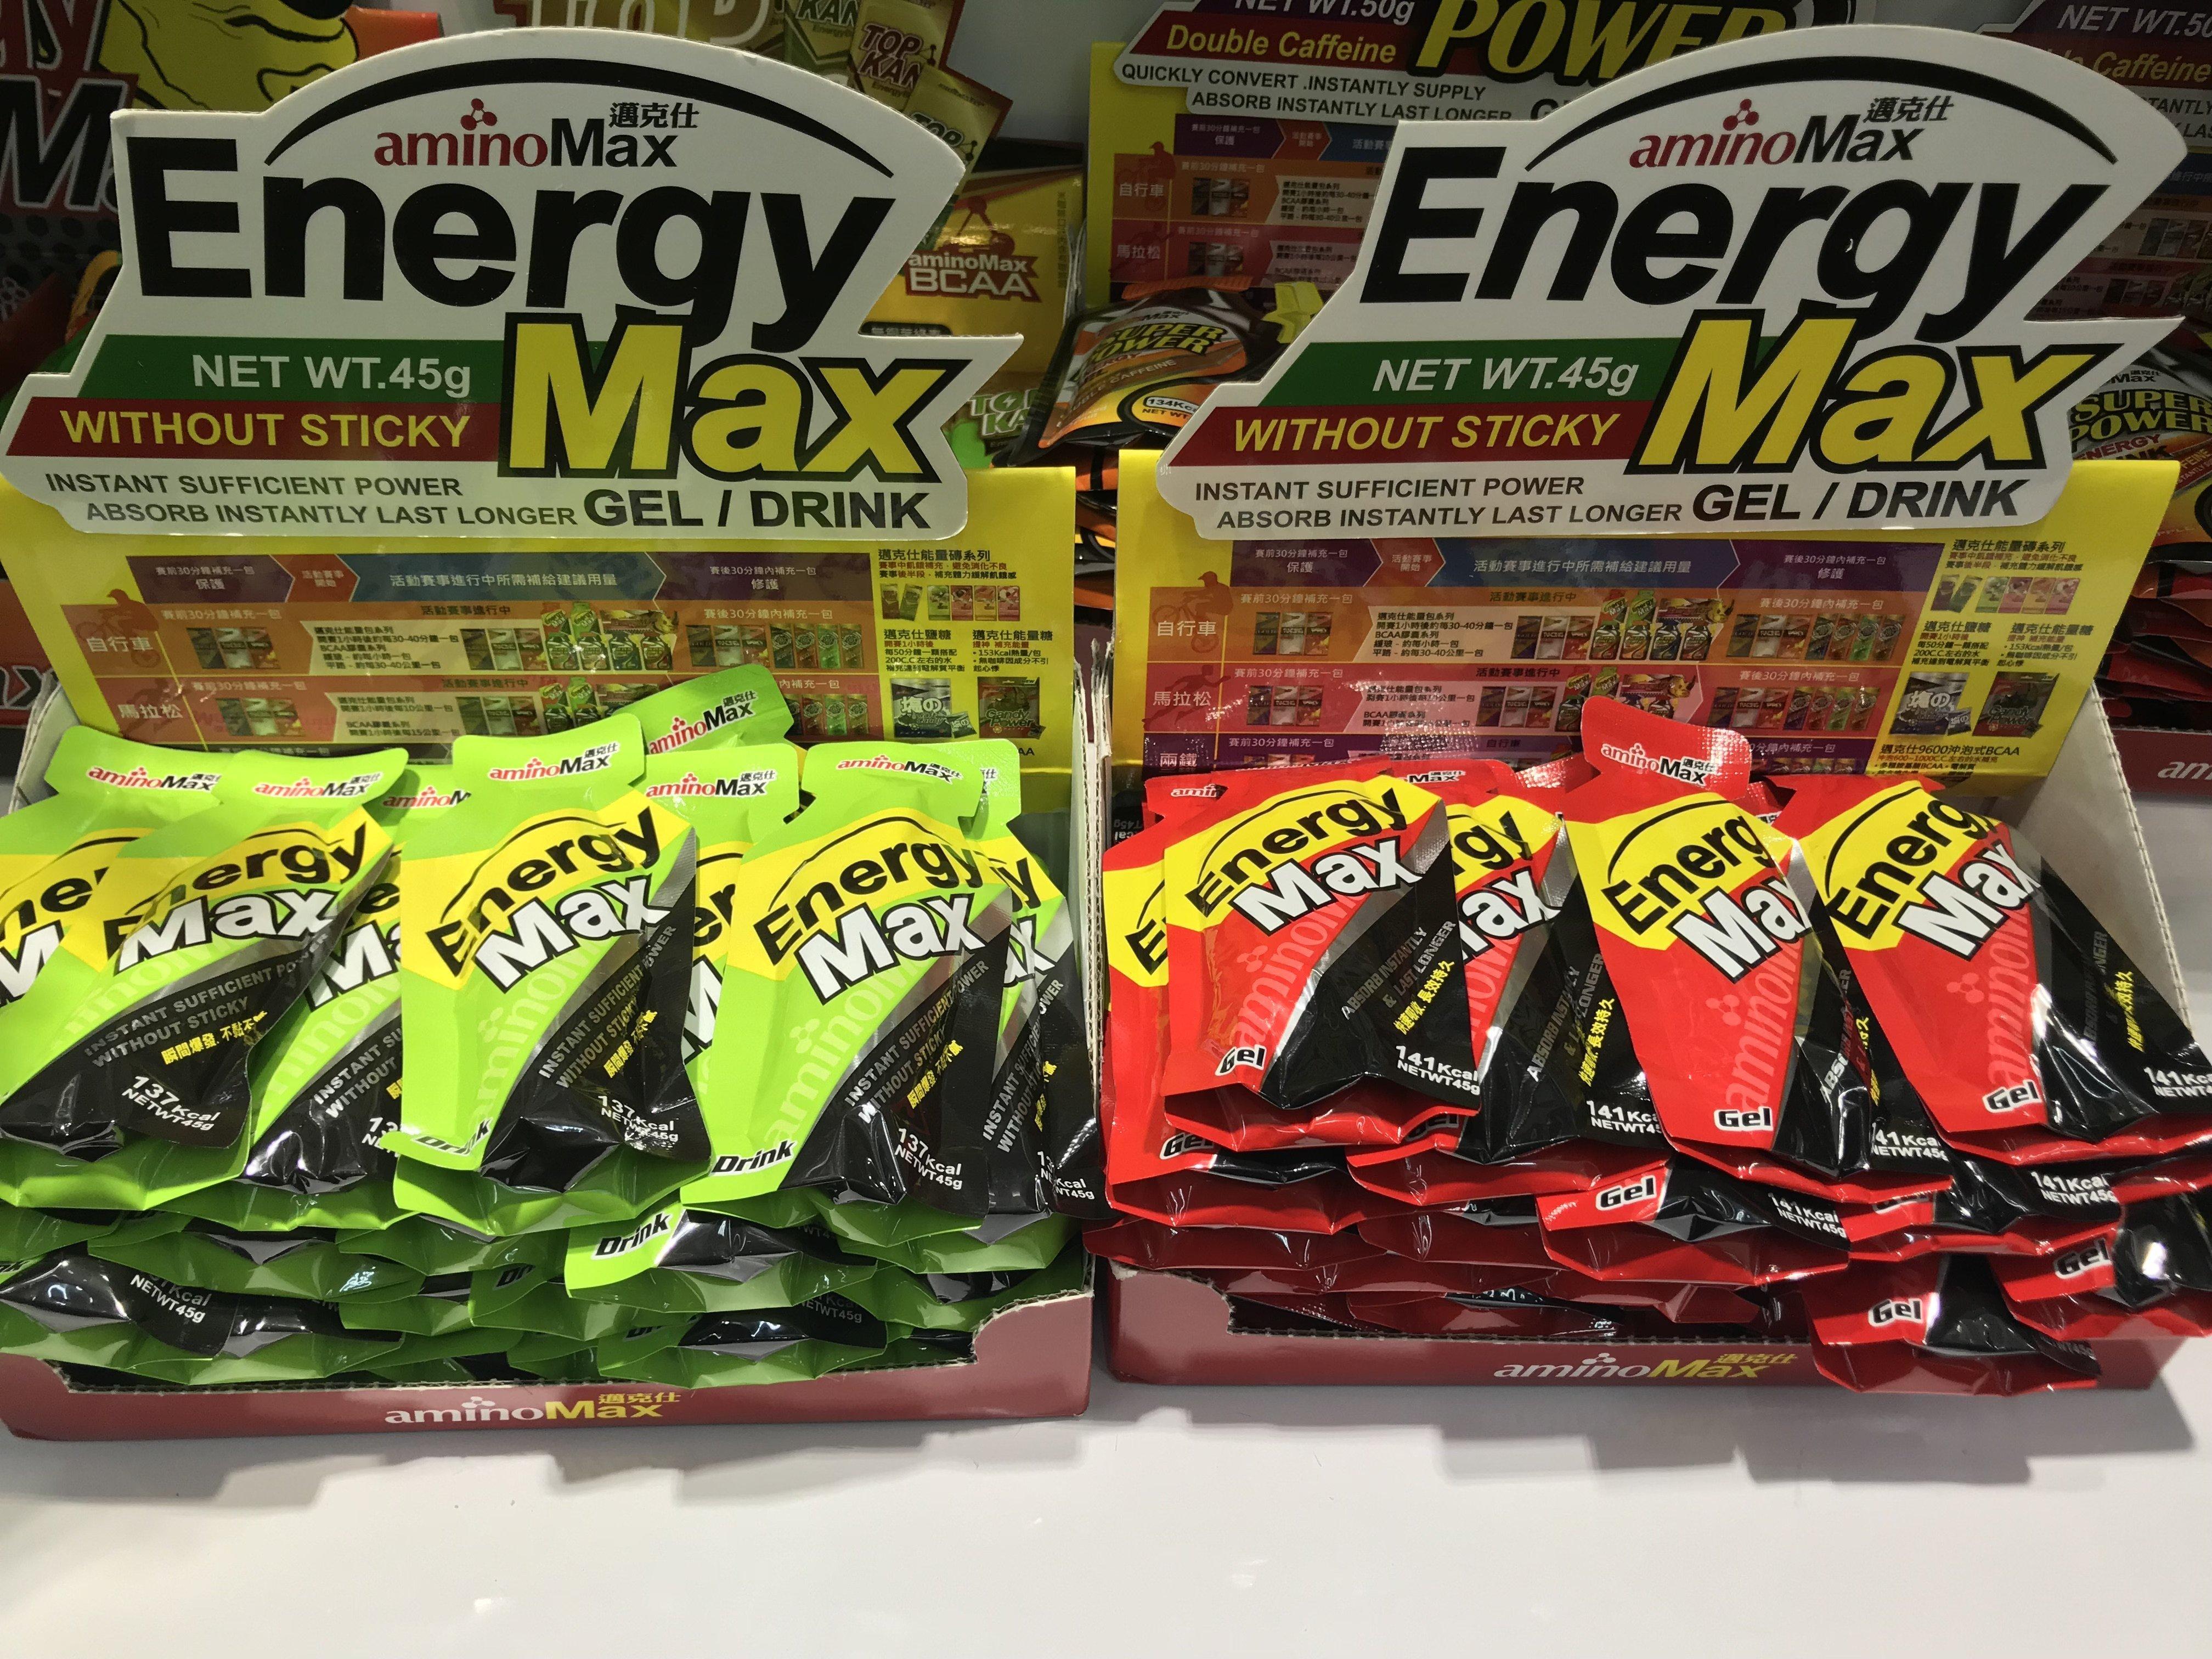 aminomax 邁克仕 Energy Max 能量包 持久型 爆發型 巧克力 白葡萄